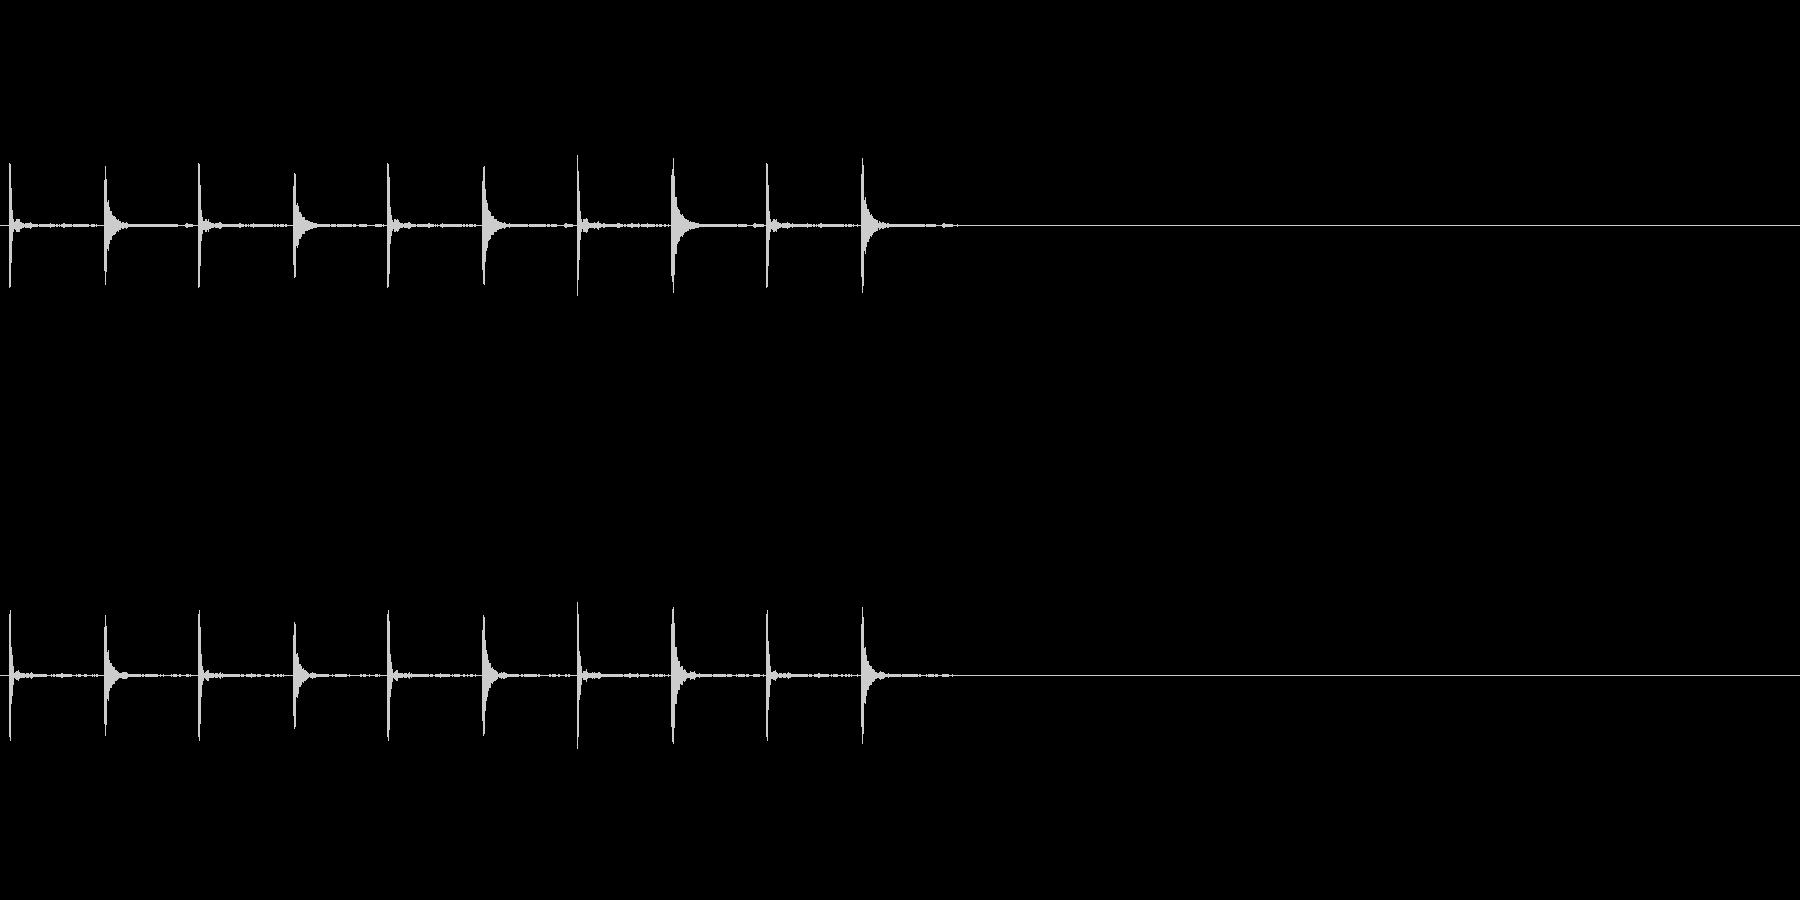 カウントダウン/木の音/5秒の未再生の波形